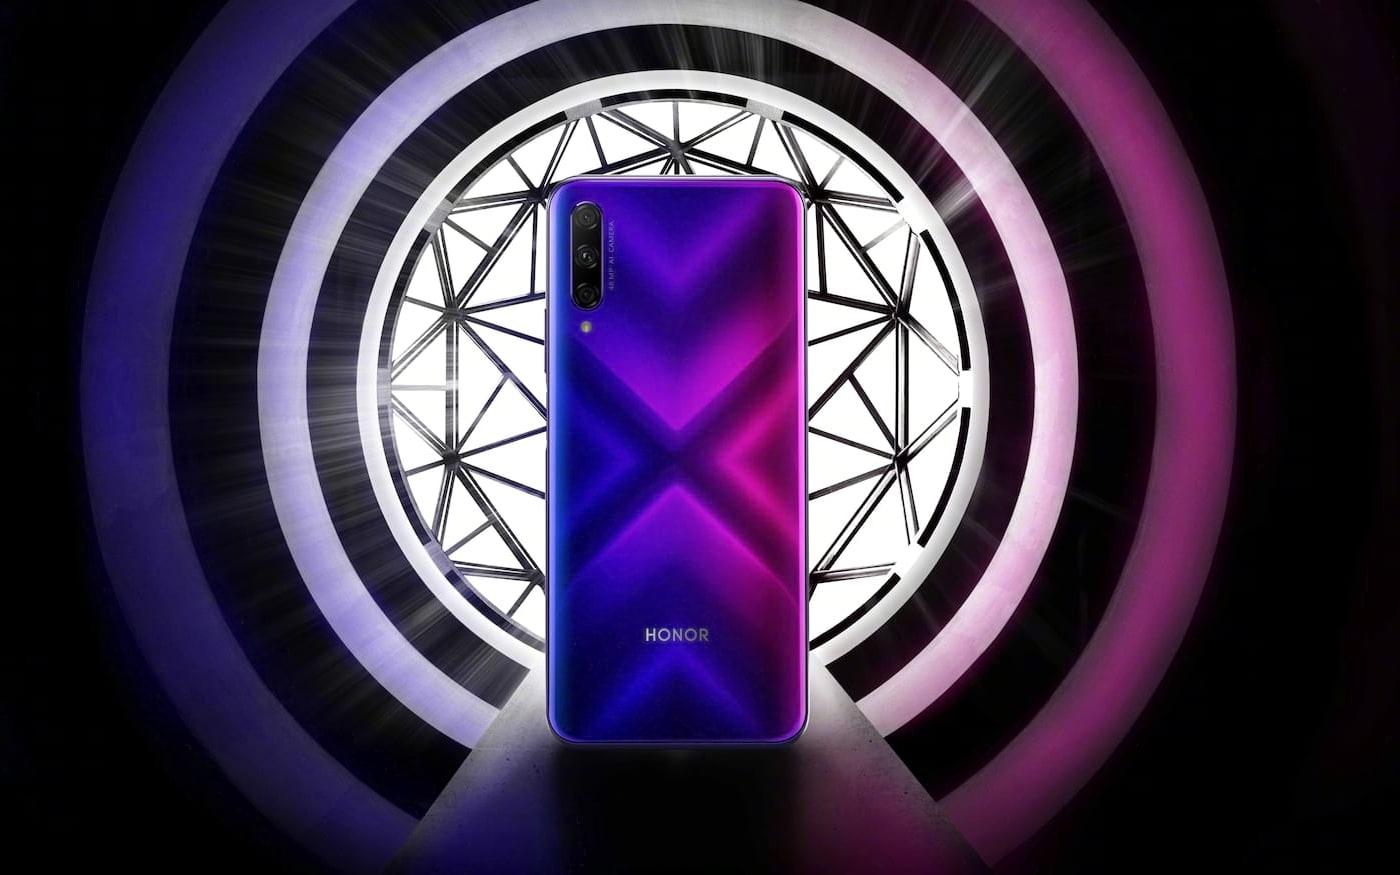 Honor 9X tem teaser e especificações vazadas - veja o que se sabe do aparelho até agora